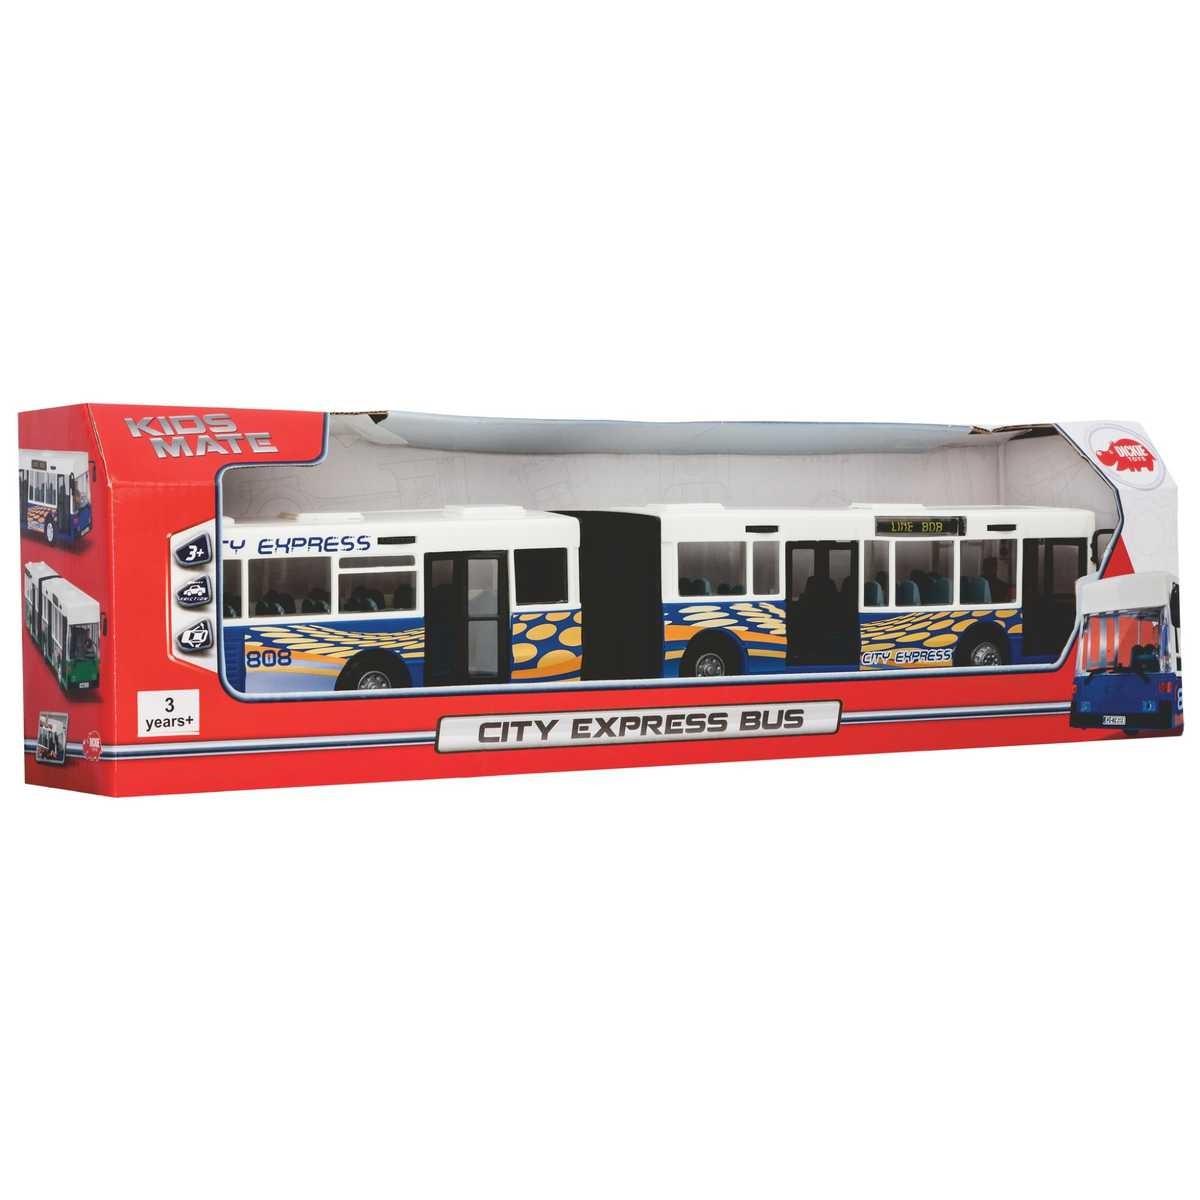 Popular Dickie Toys Bus Image - Desain Interior Exterior